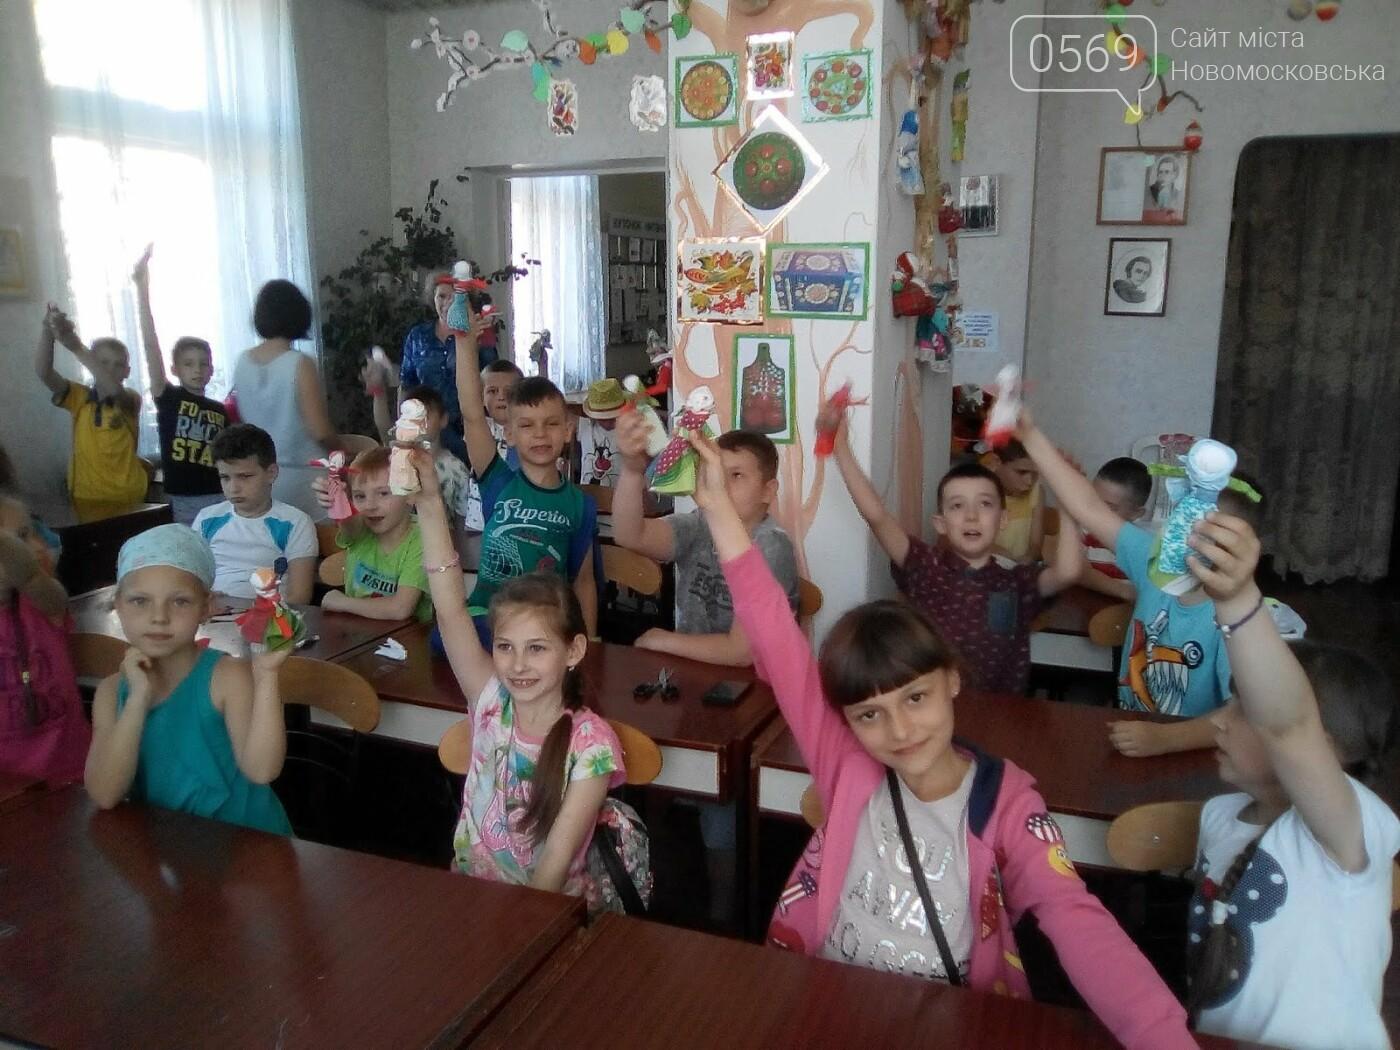 Новомосковські школярі вчилися виготовляти народні іграшки  , фото-4